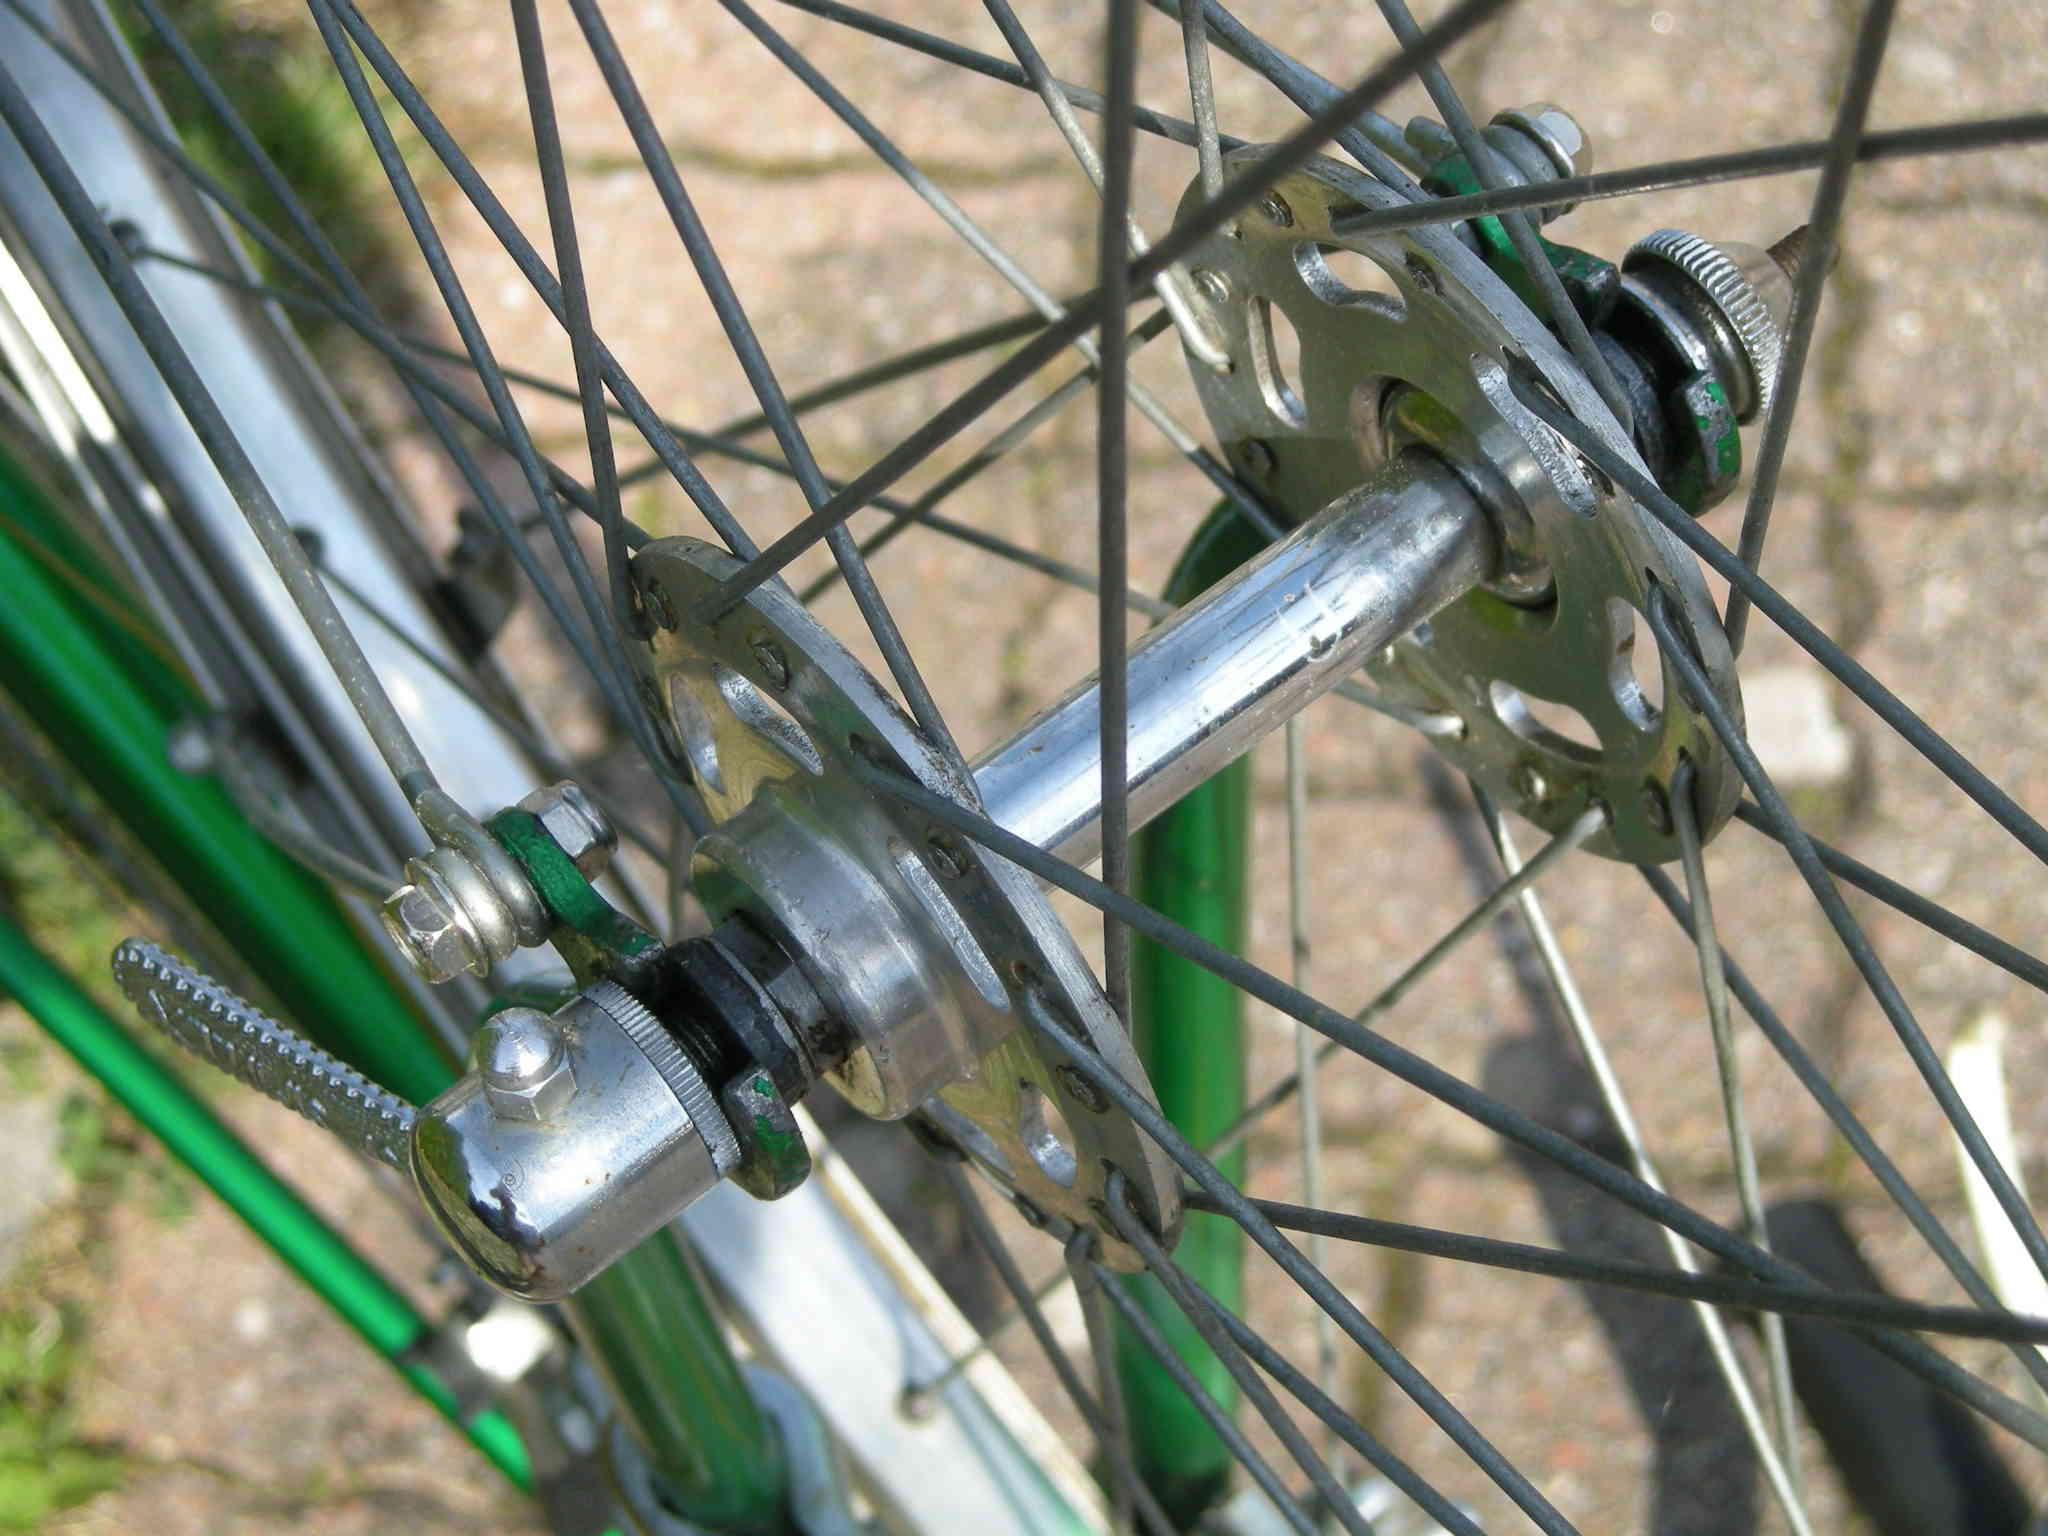 Mixte Cyclo Porrentruy Dscn6233